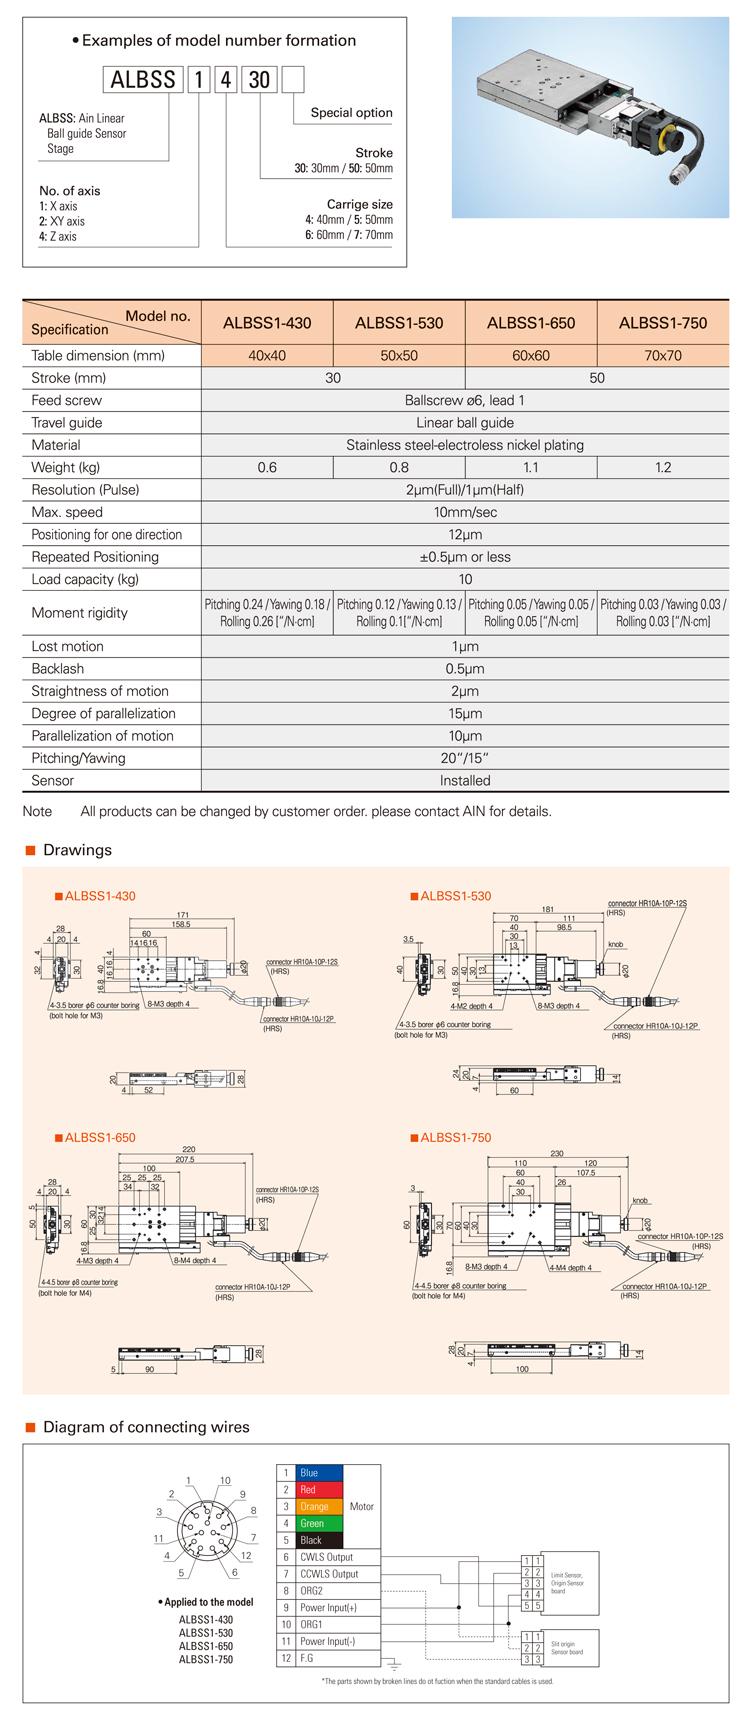 AIN Motorized Linear Ball Guide Sensor Stage ALBSS1-430-/530/650/750 Type